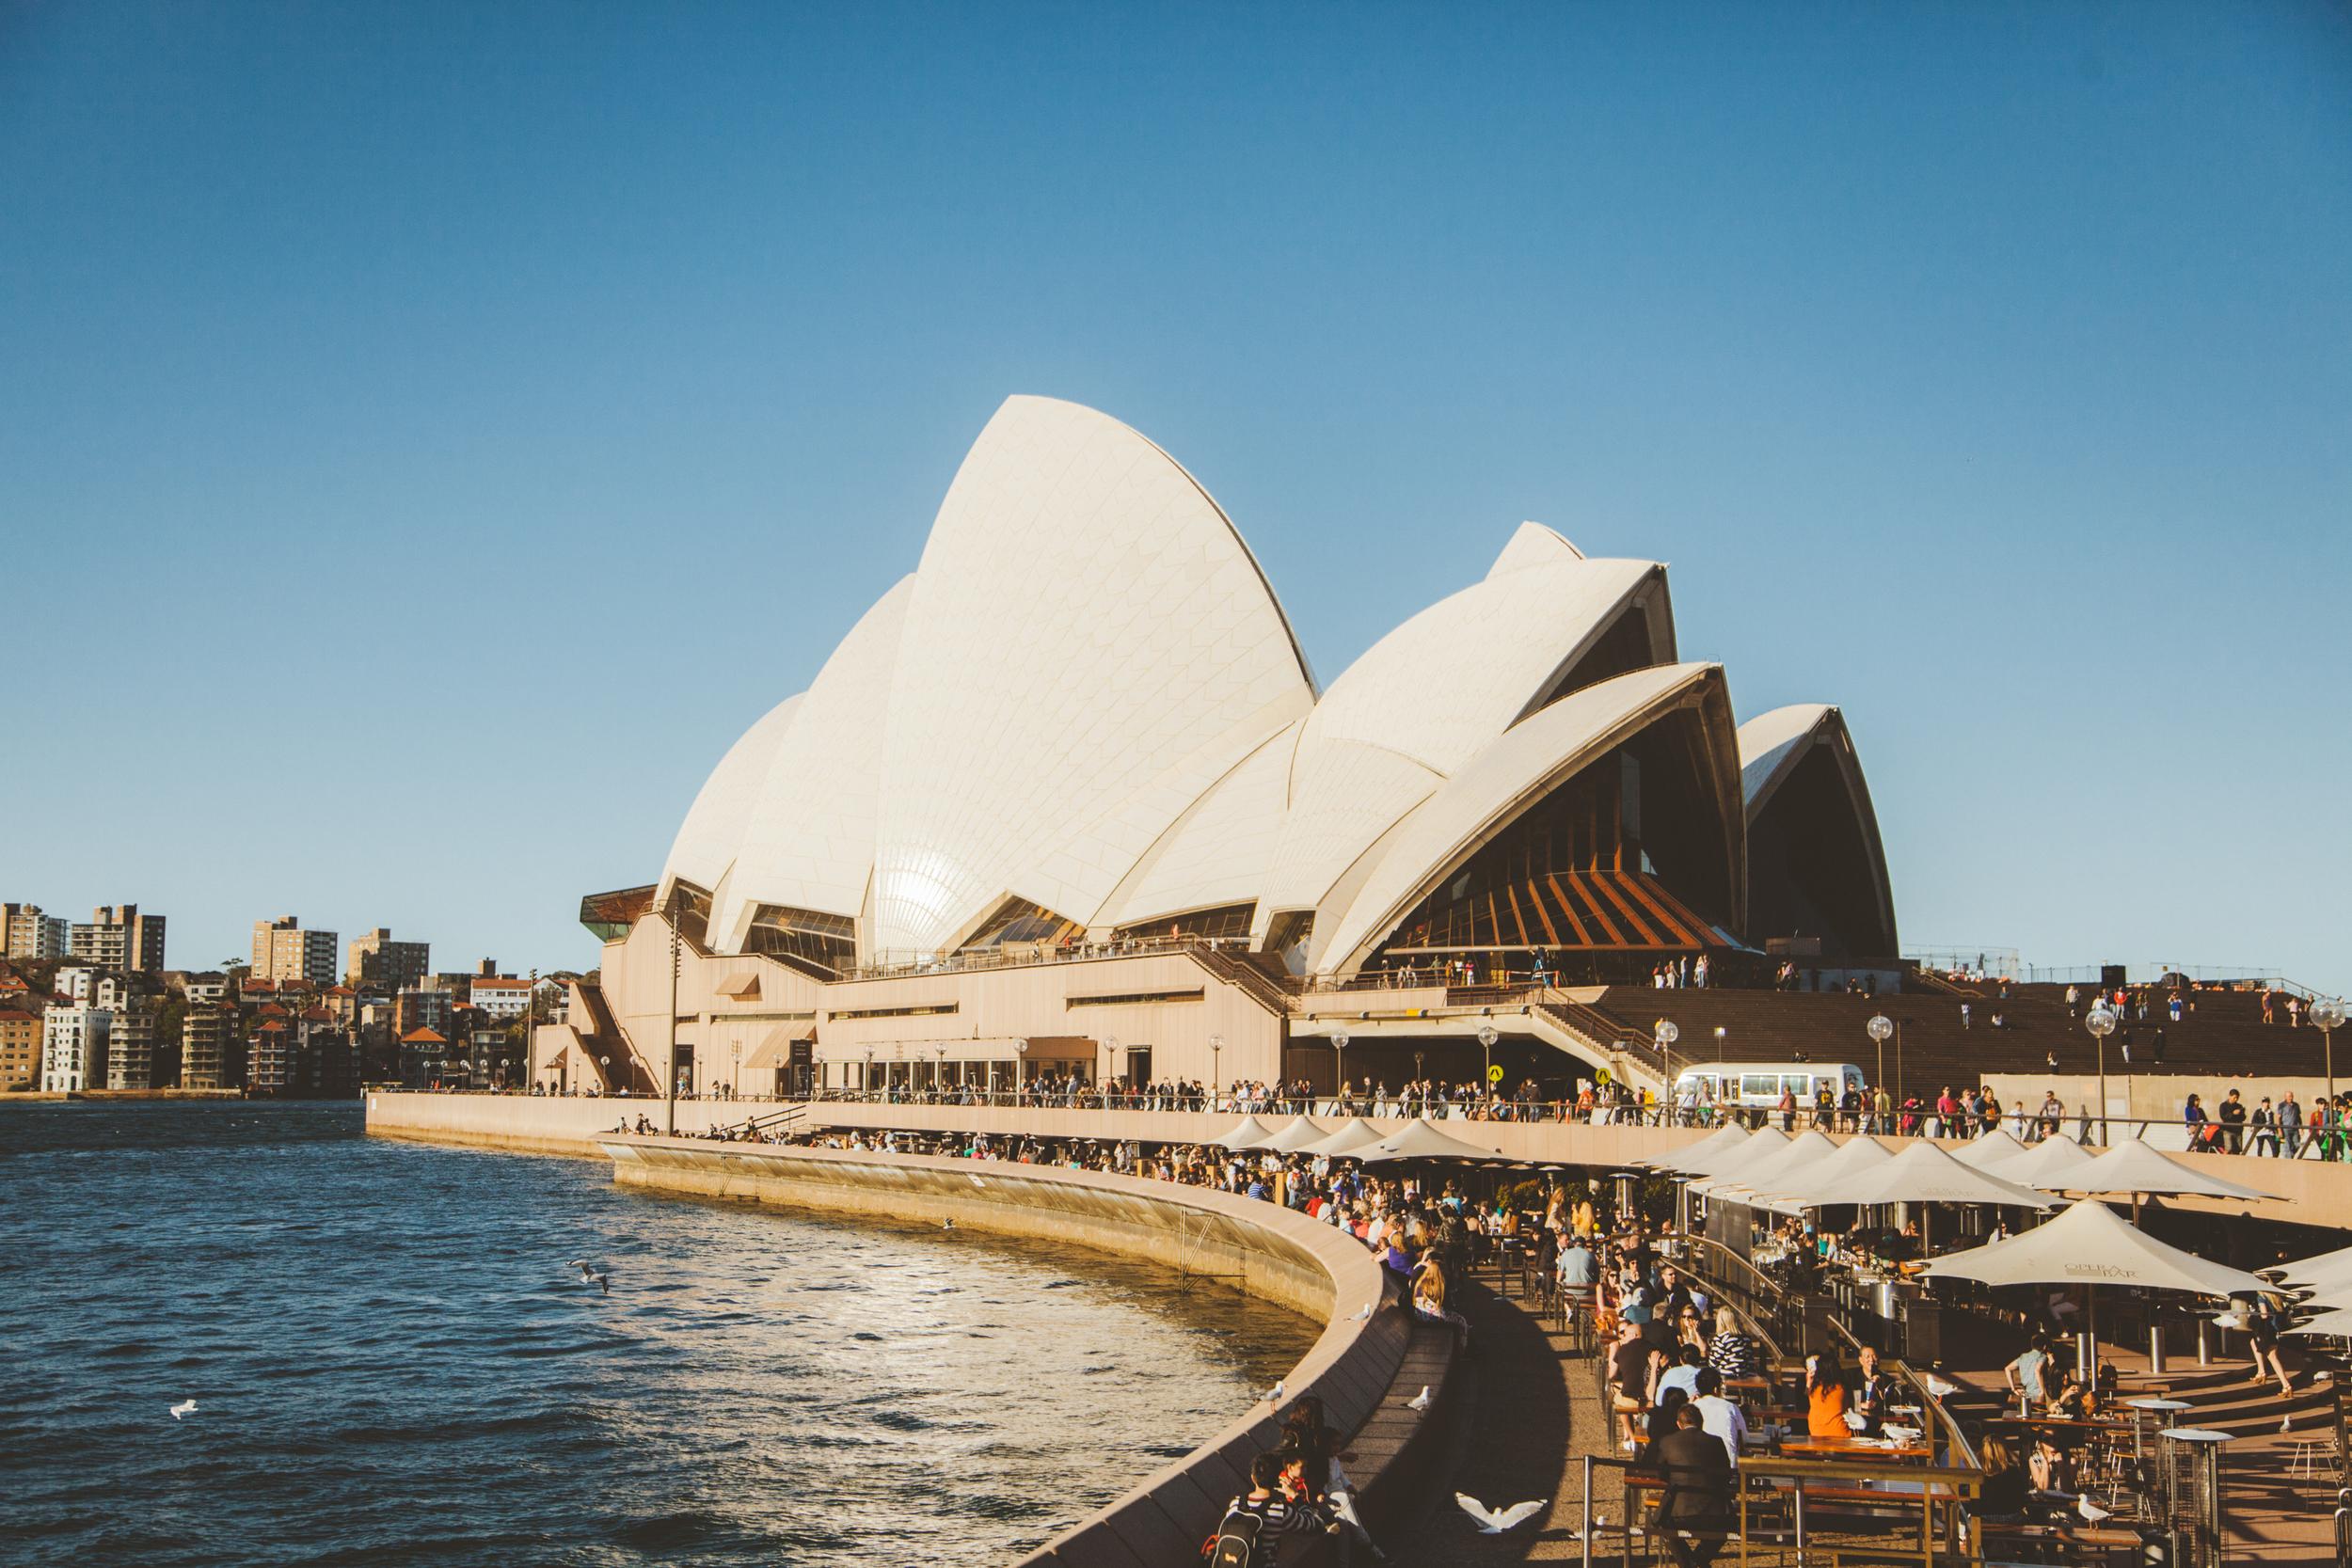 Australia-MARIANNA JAMADI-12.jpg